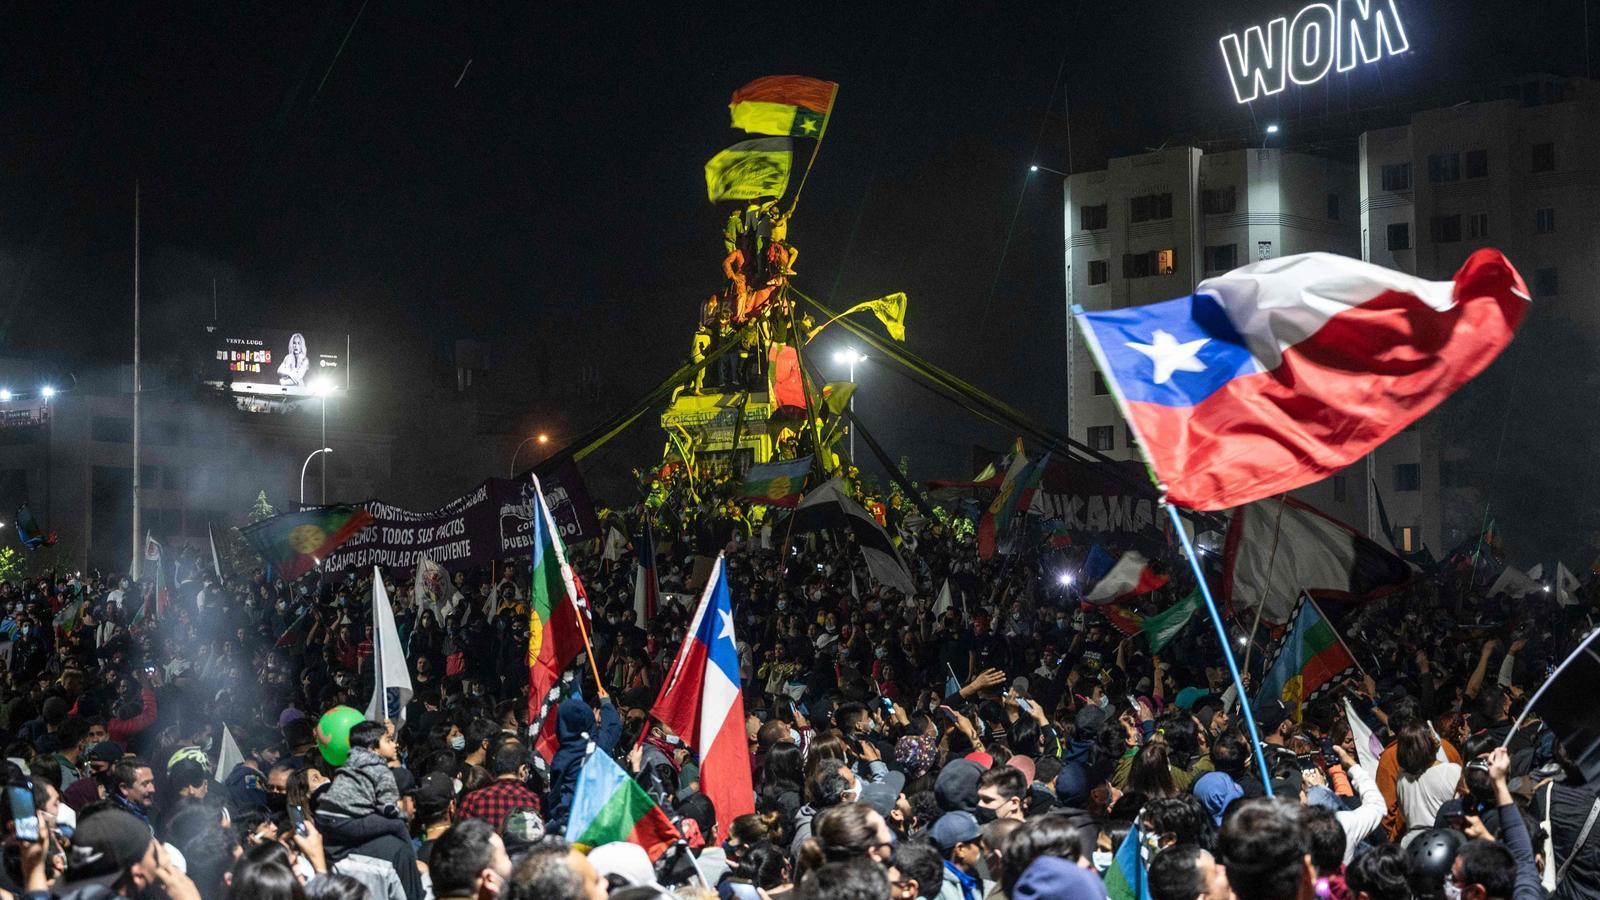 Xile camina cap a un procés constituent amb nous protagonistes